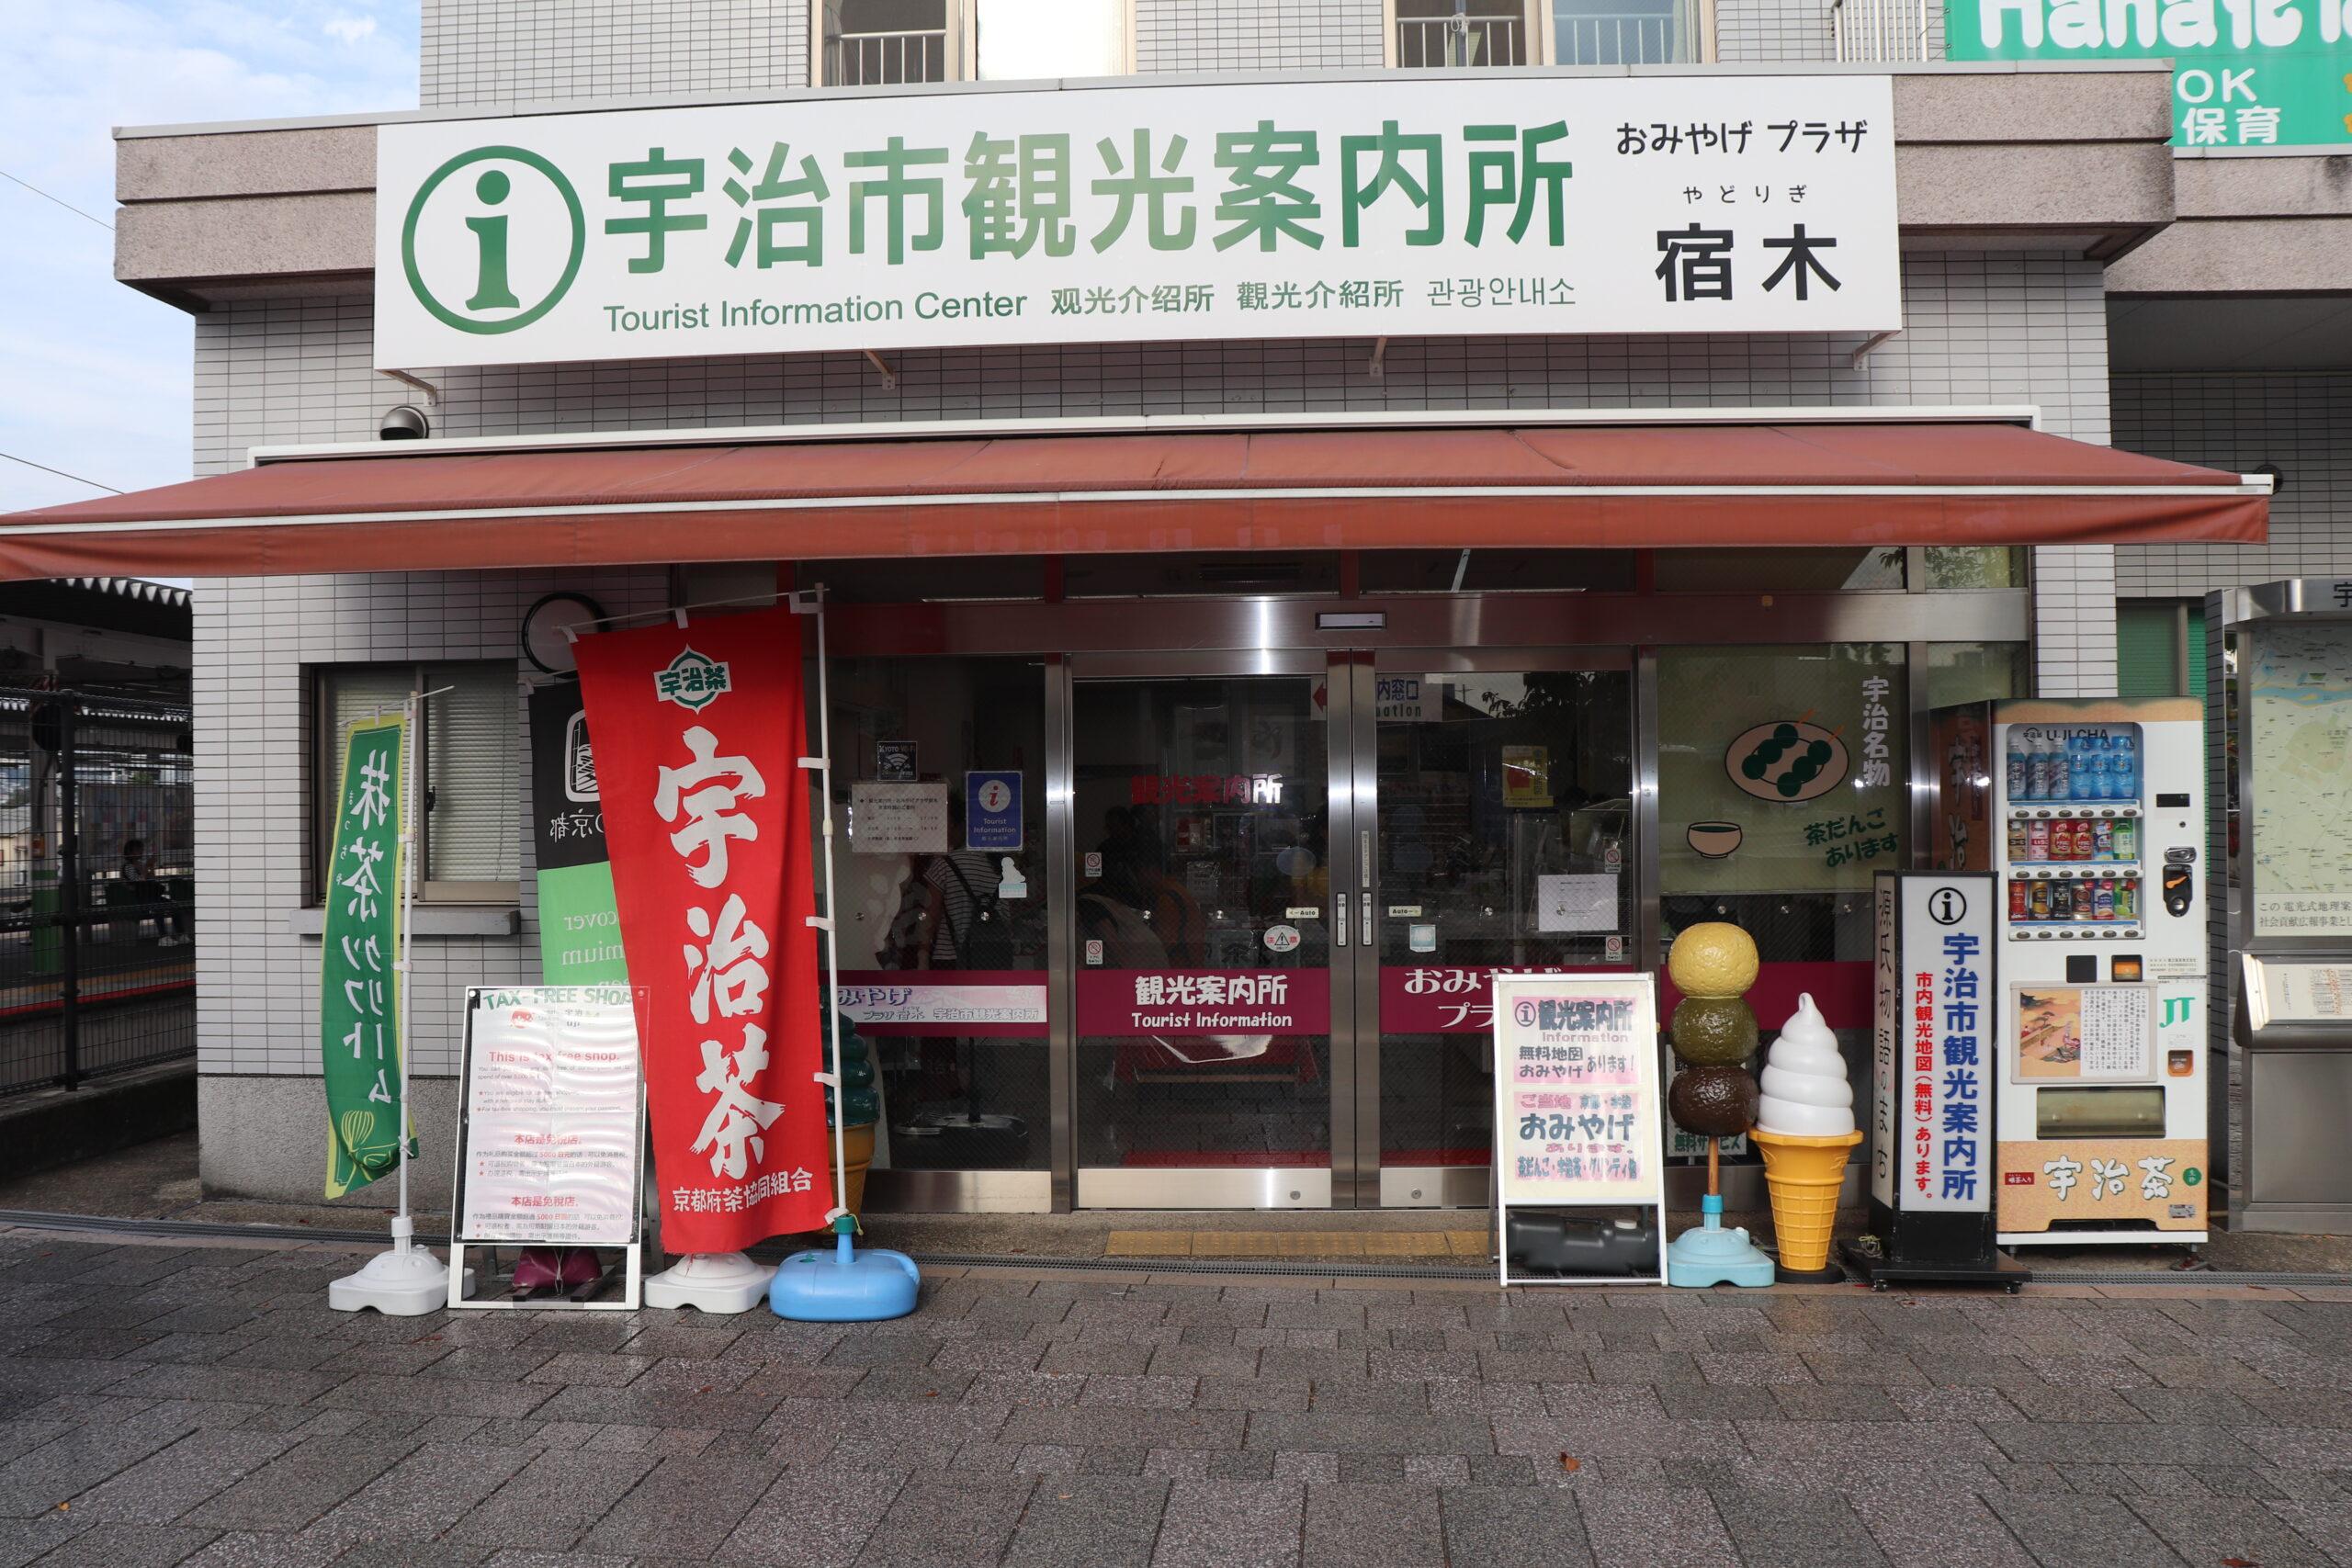 Uji City Tourist Information Center (Yumeria Uji)